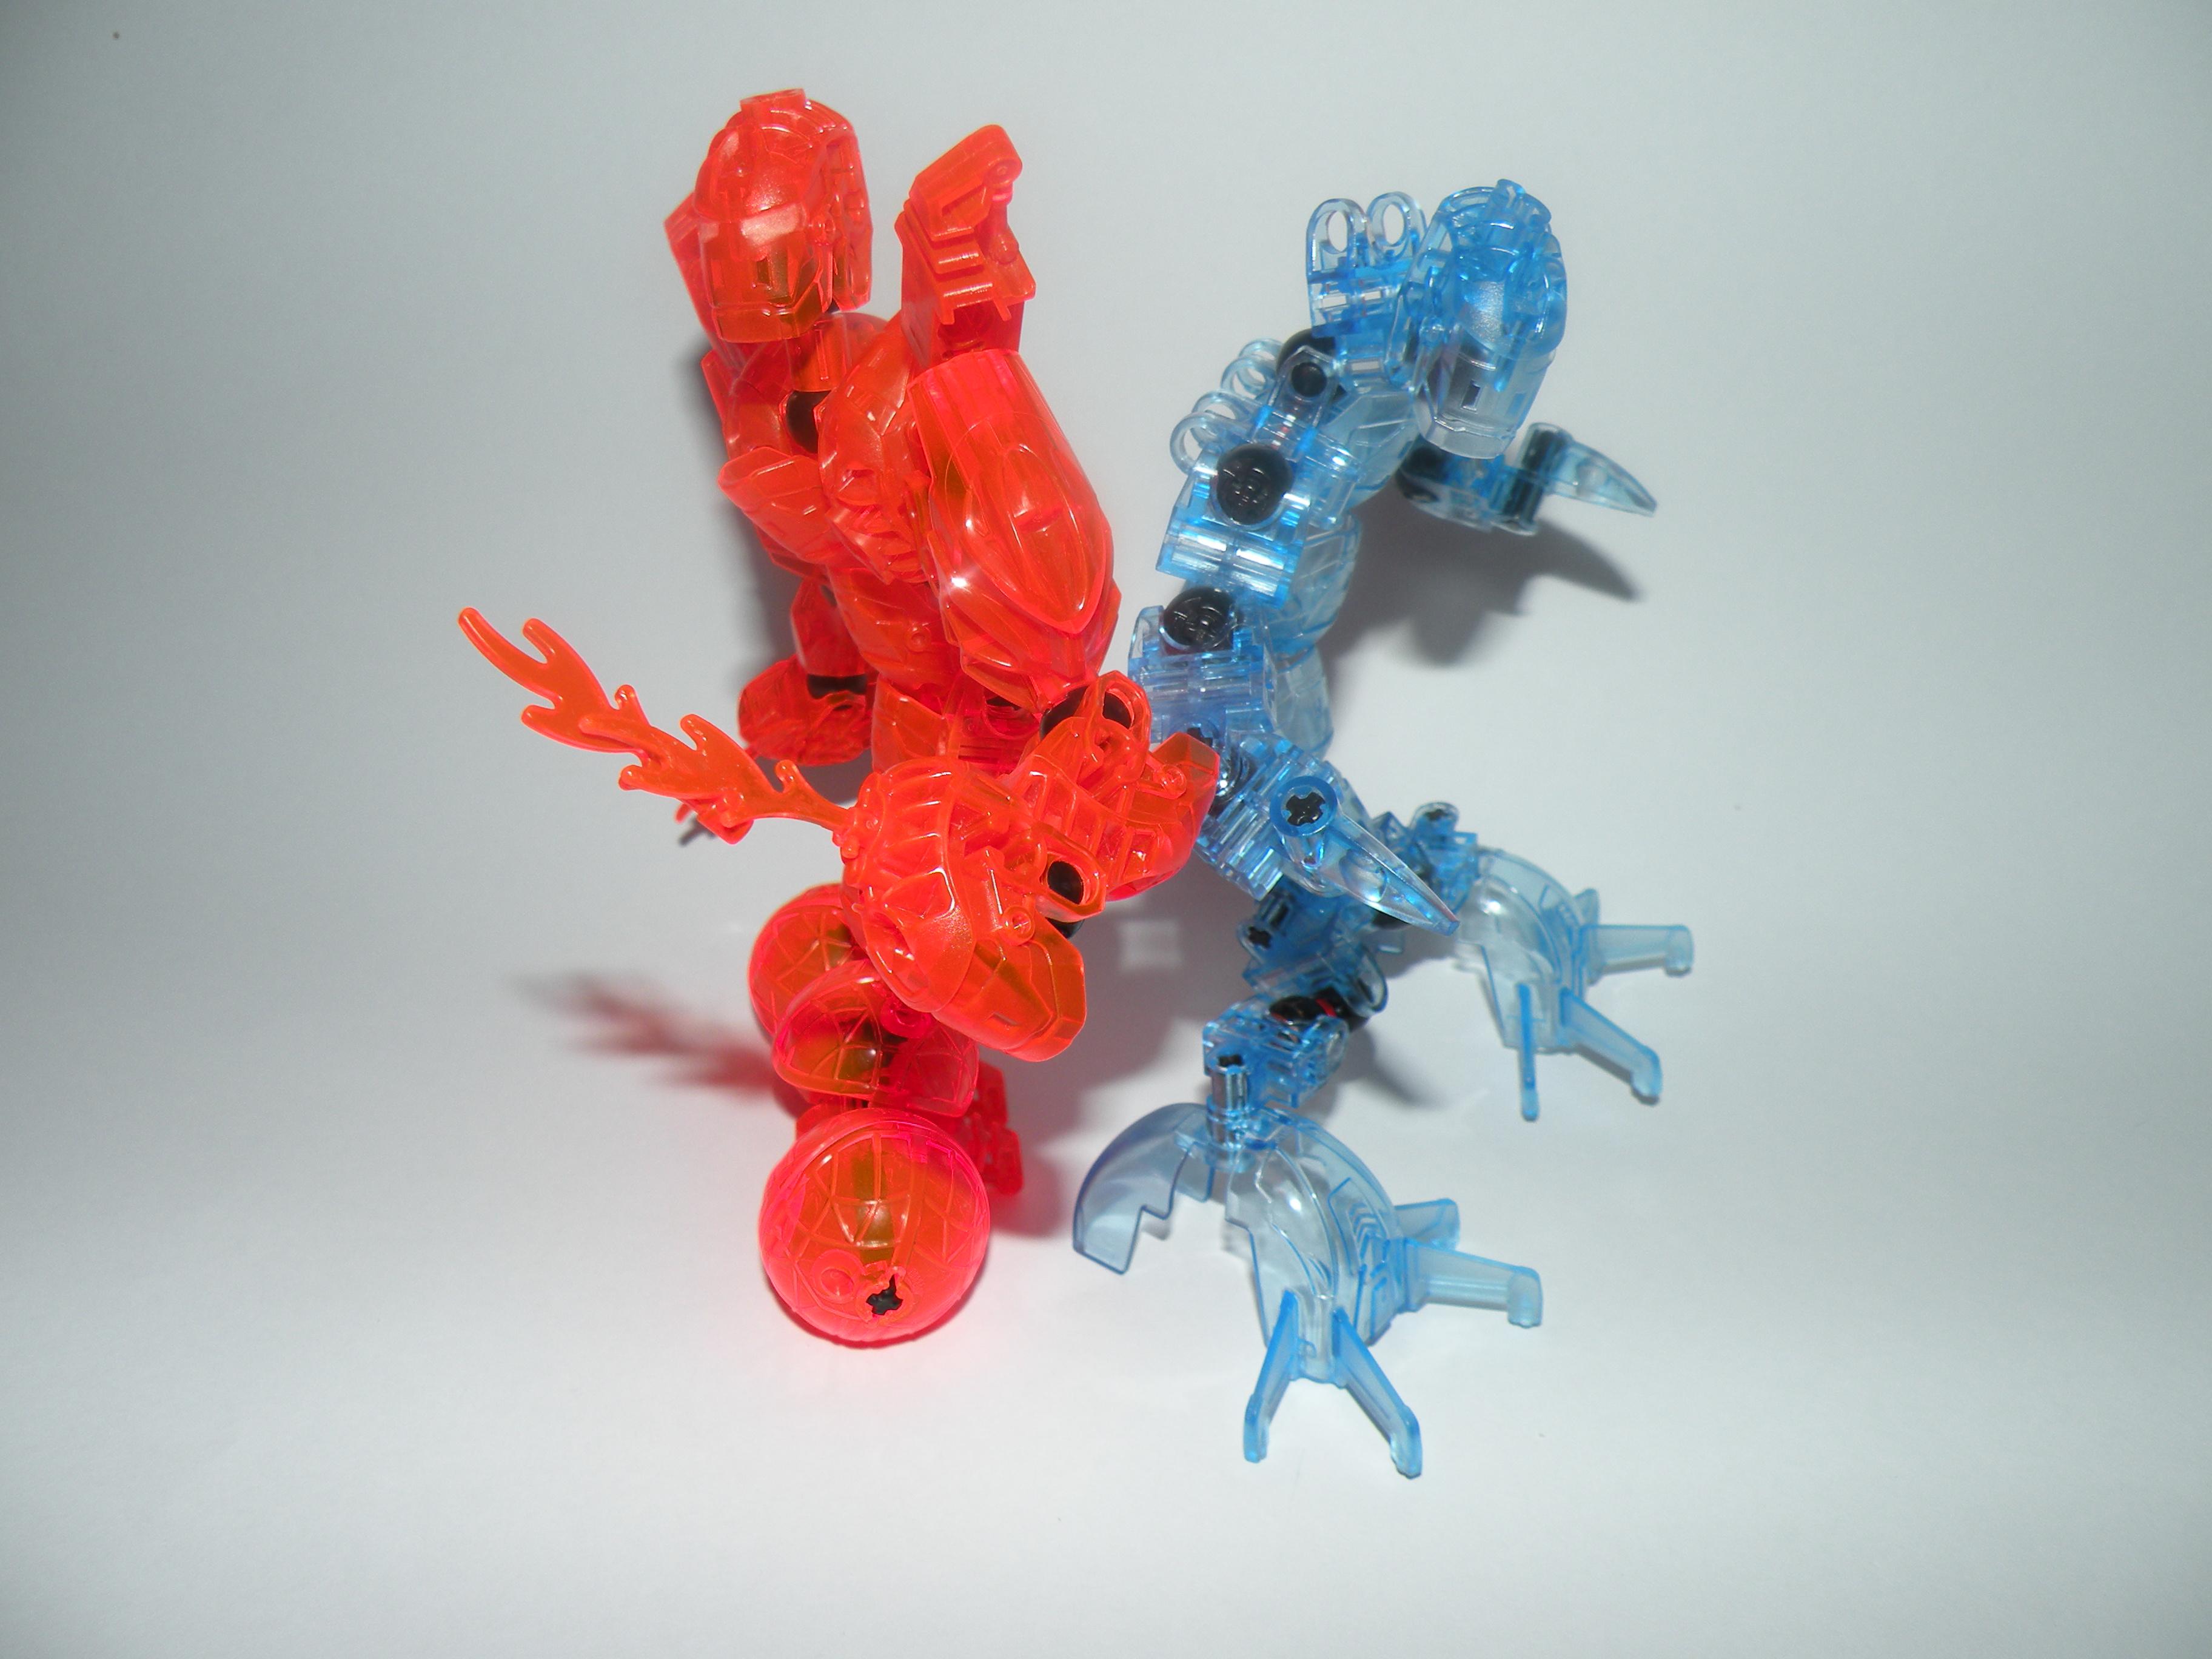 [MOC] Les nouvelles créations de Peterbionicle (annonce) - Page 10 Fire-water